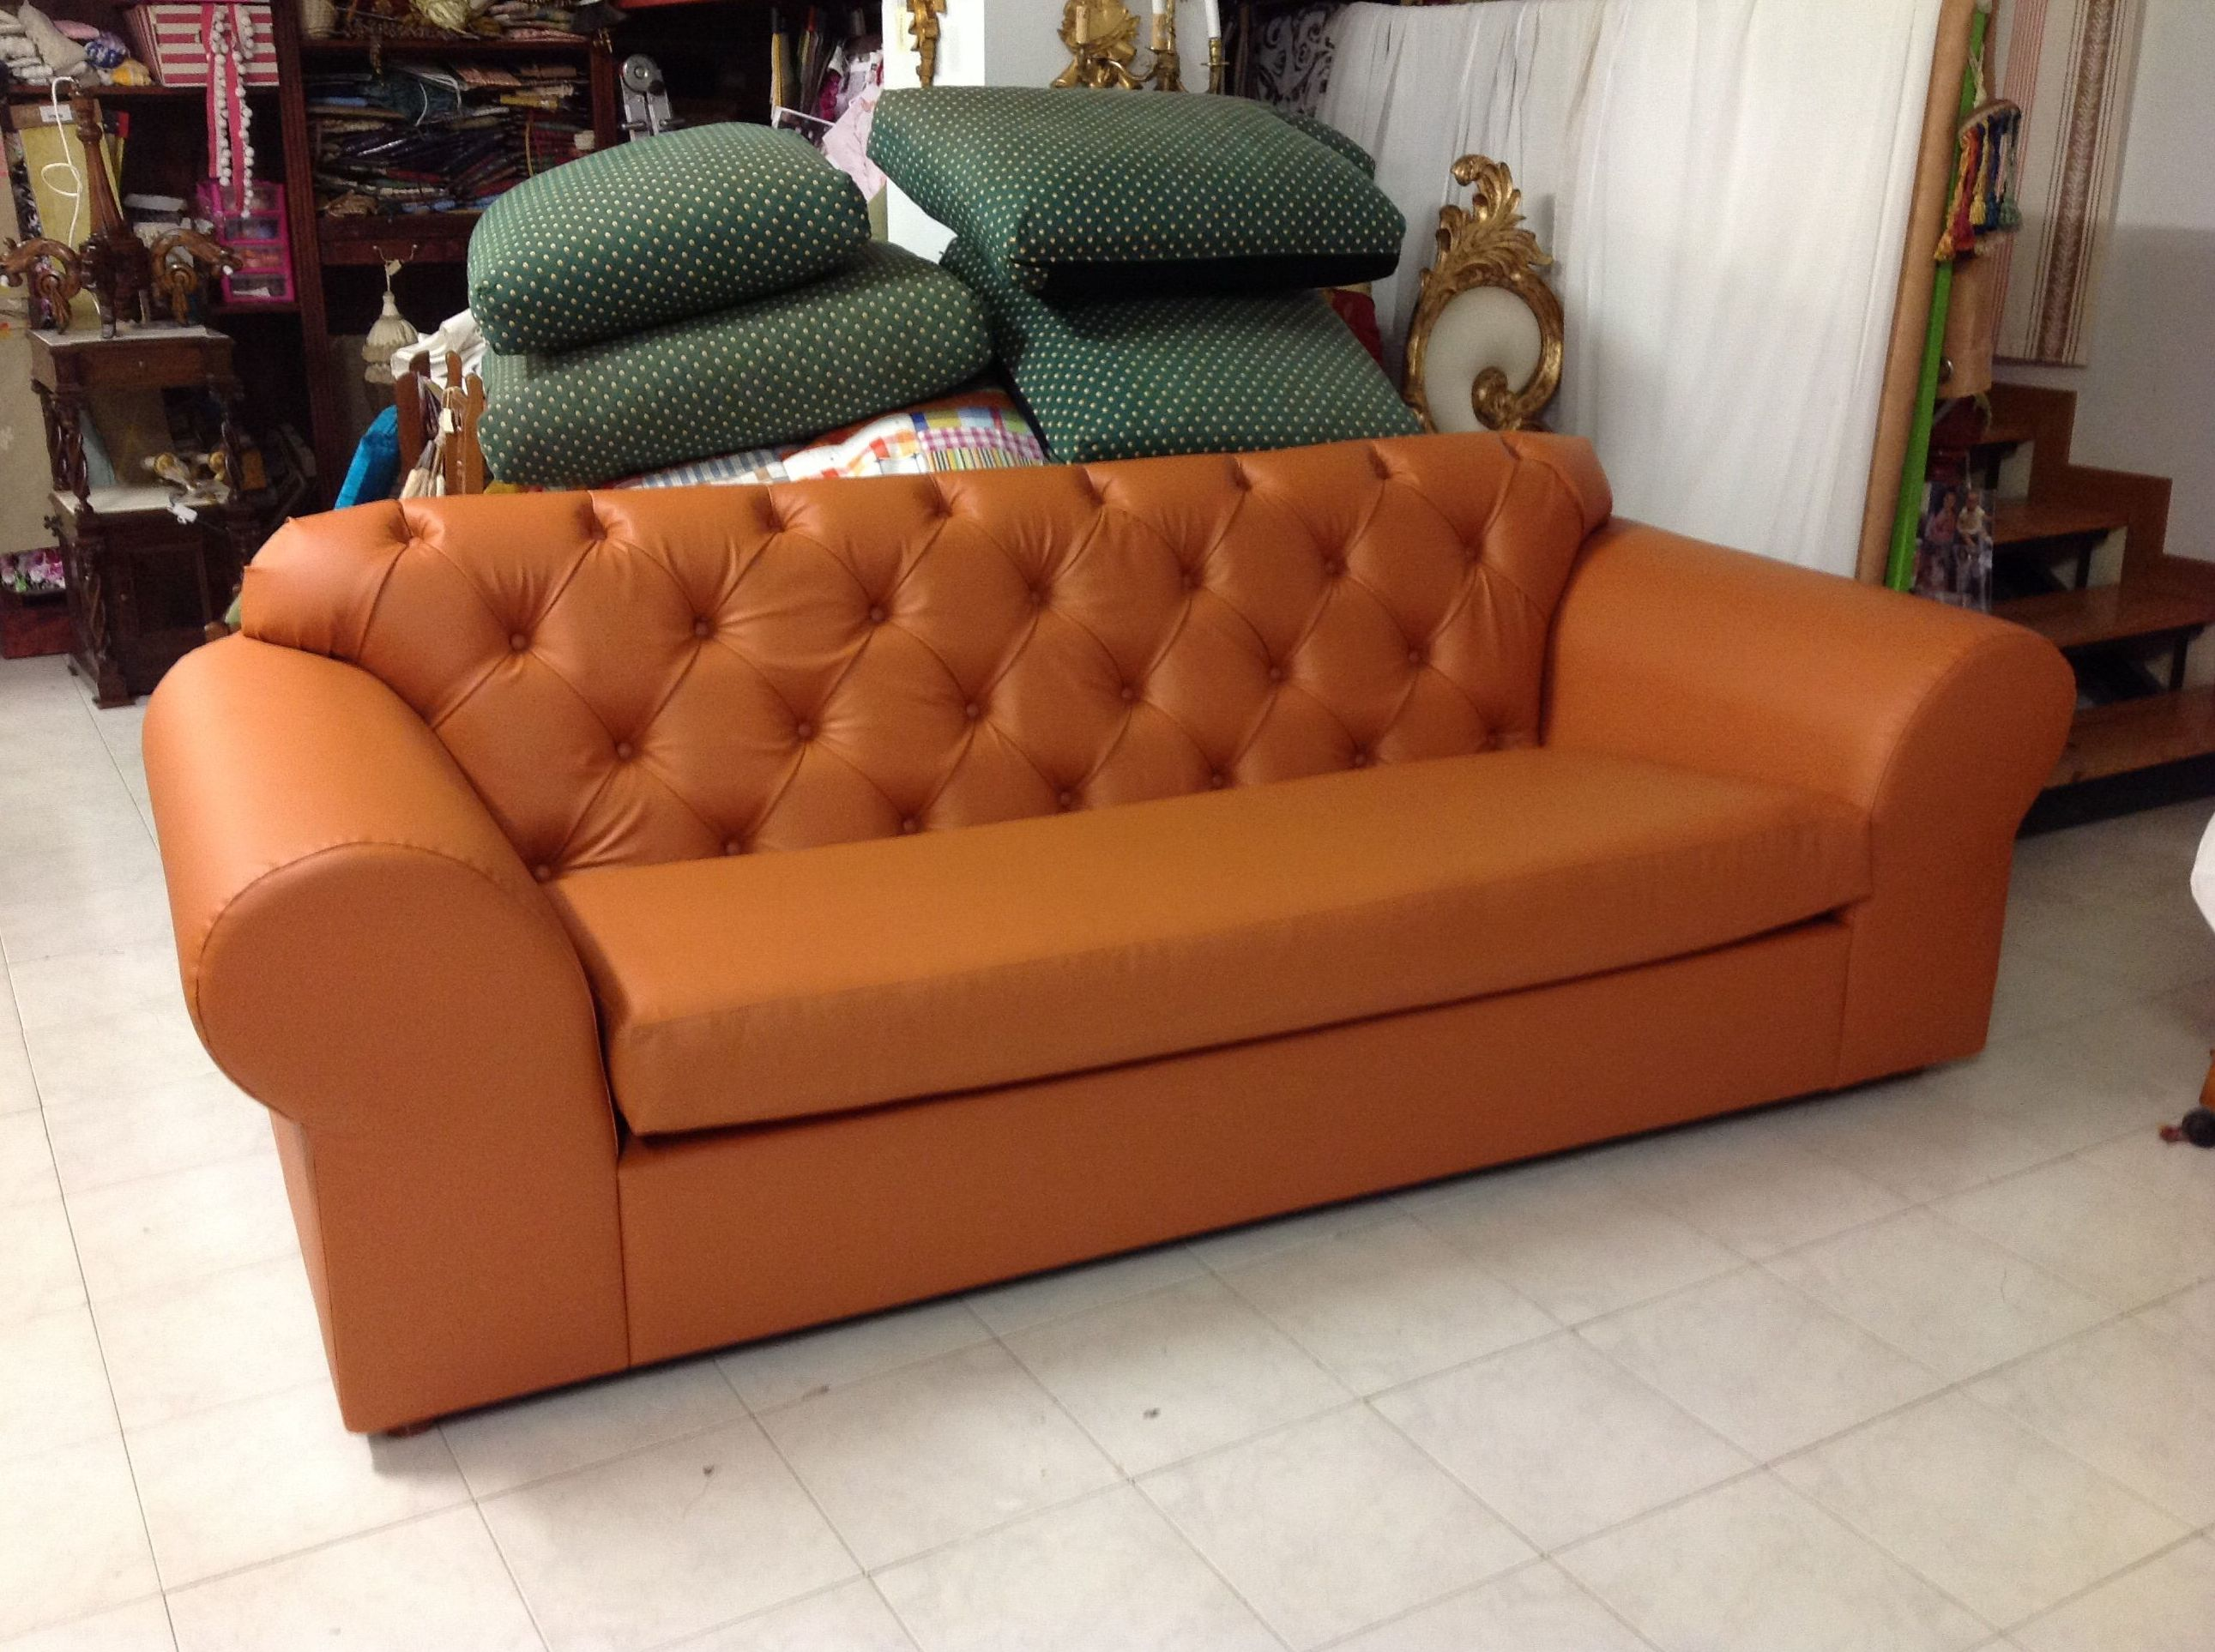 Recuperación de sofa dandole un toque con el capitone